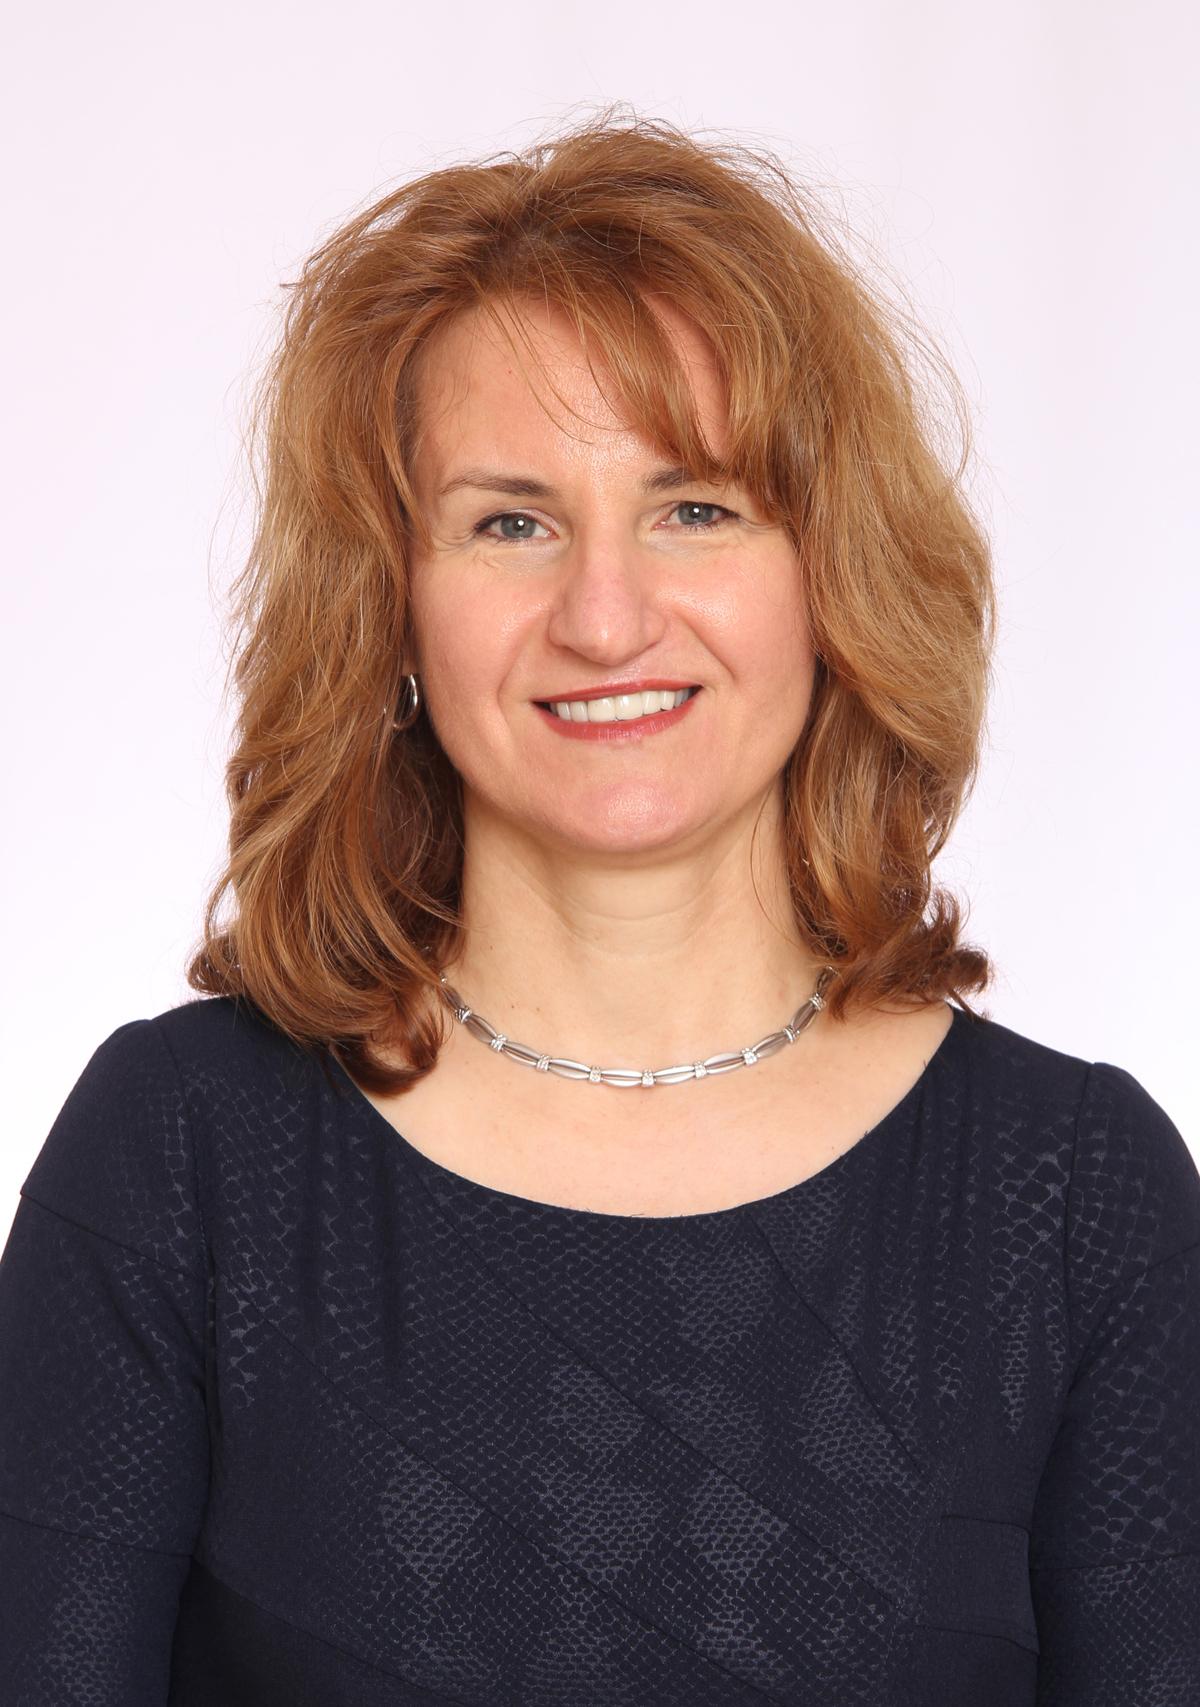 Visit Profile of Andrea Honigsfeld